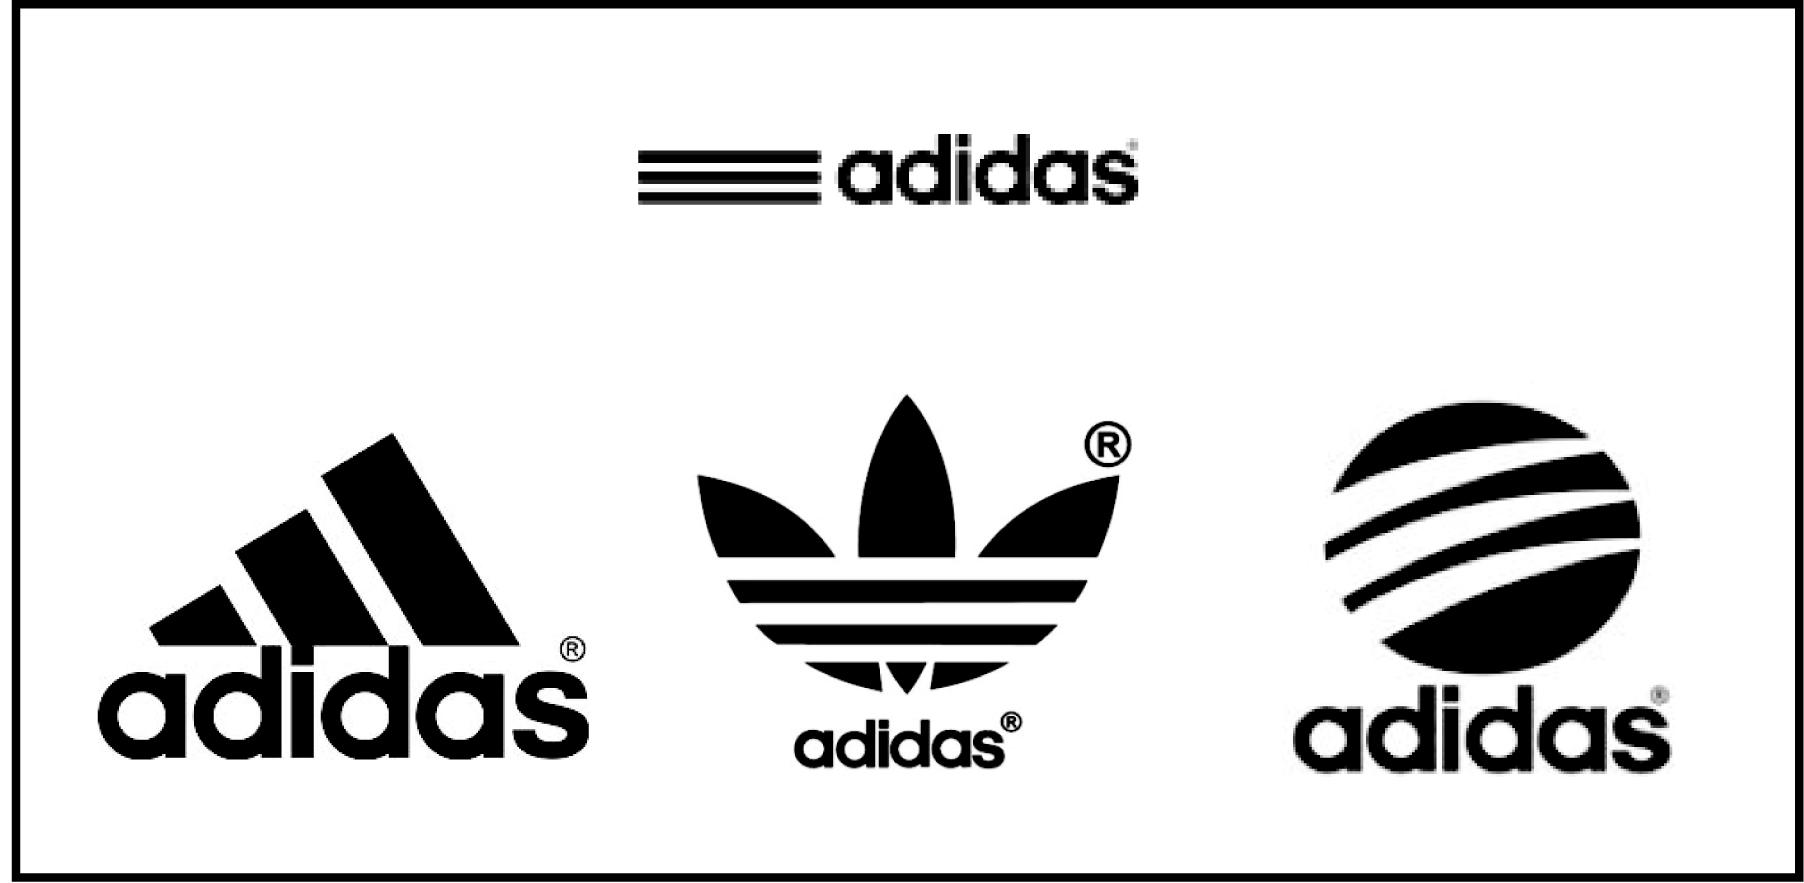 56a49412e História da marca Adidas